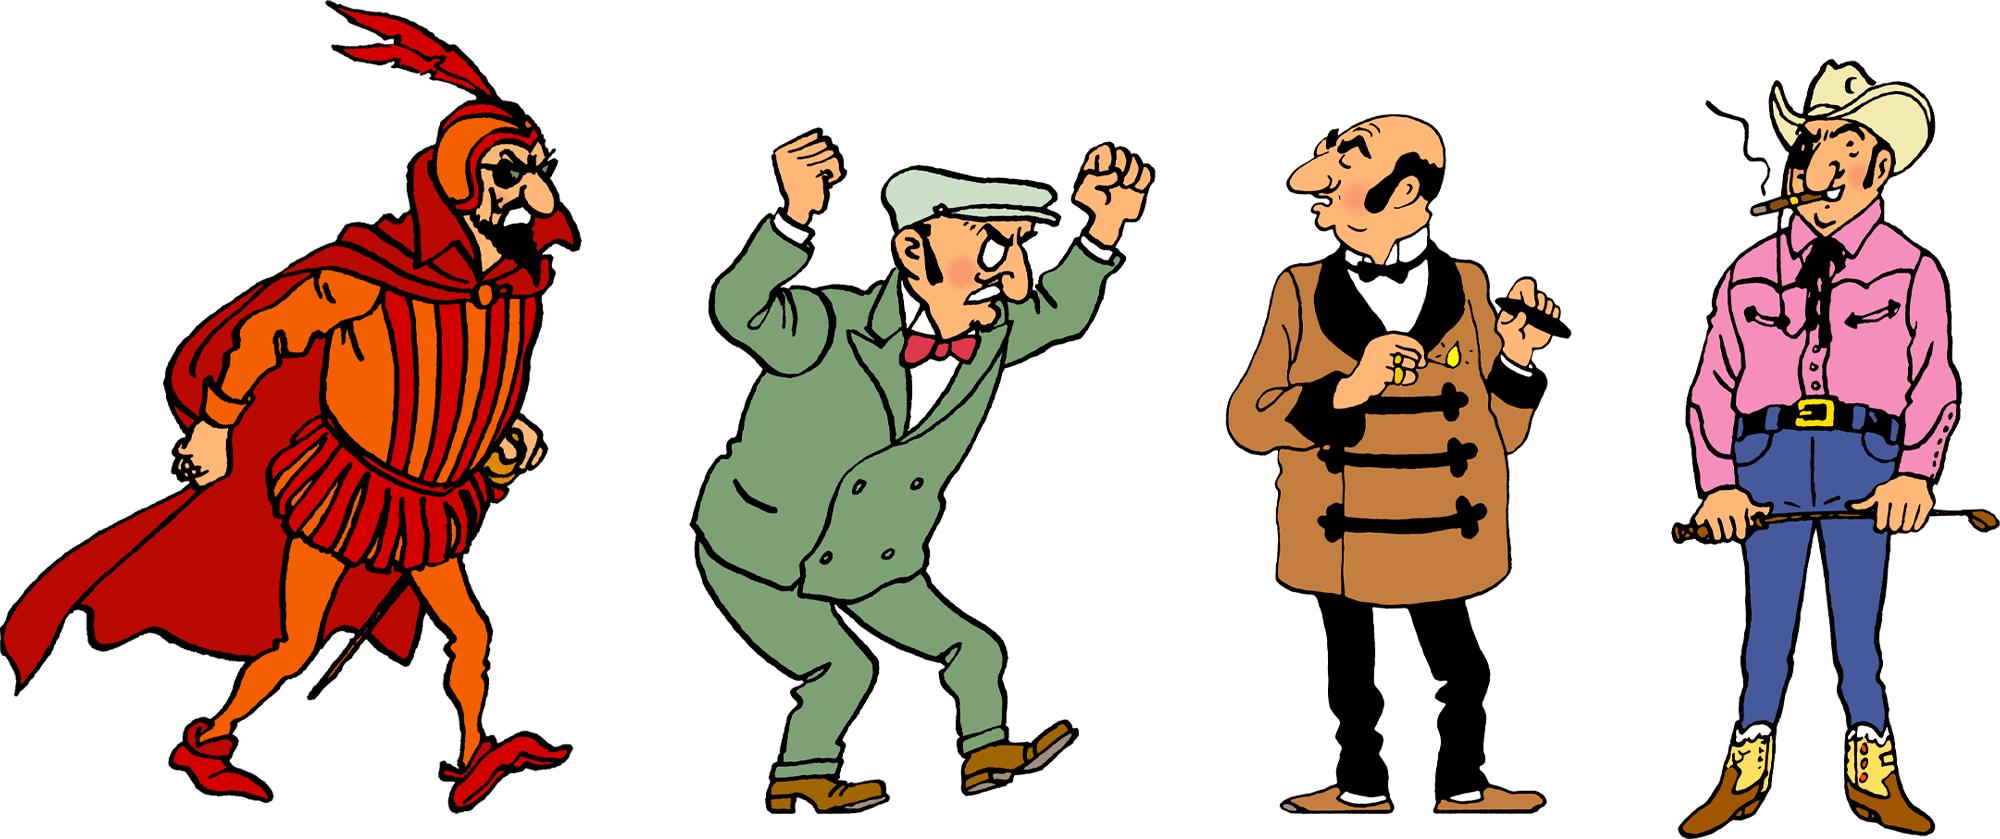 Tintin - Les Aventures de Tintin - Personnage Rastapopoulos